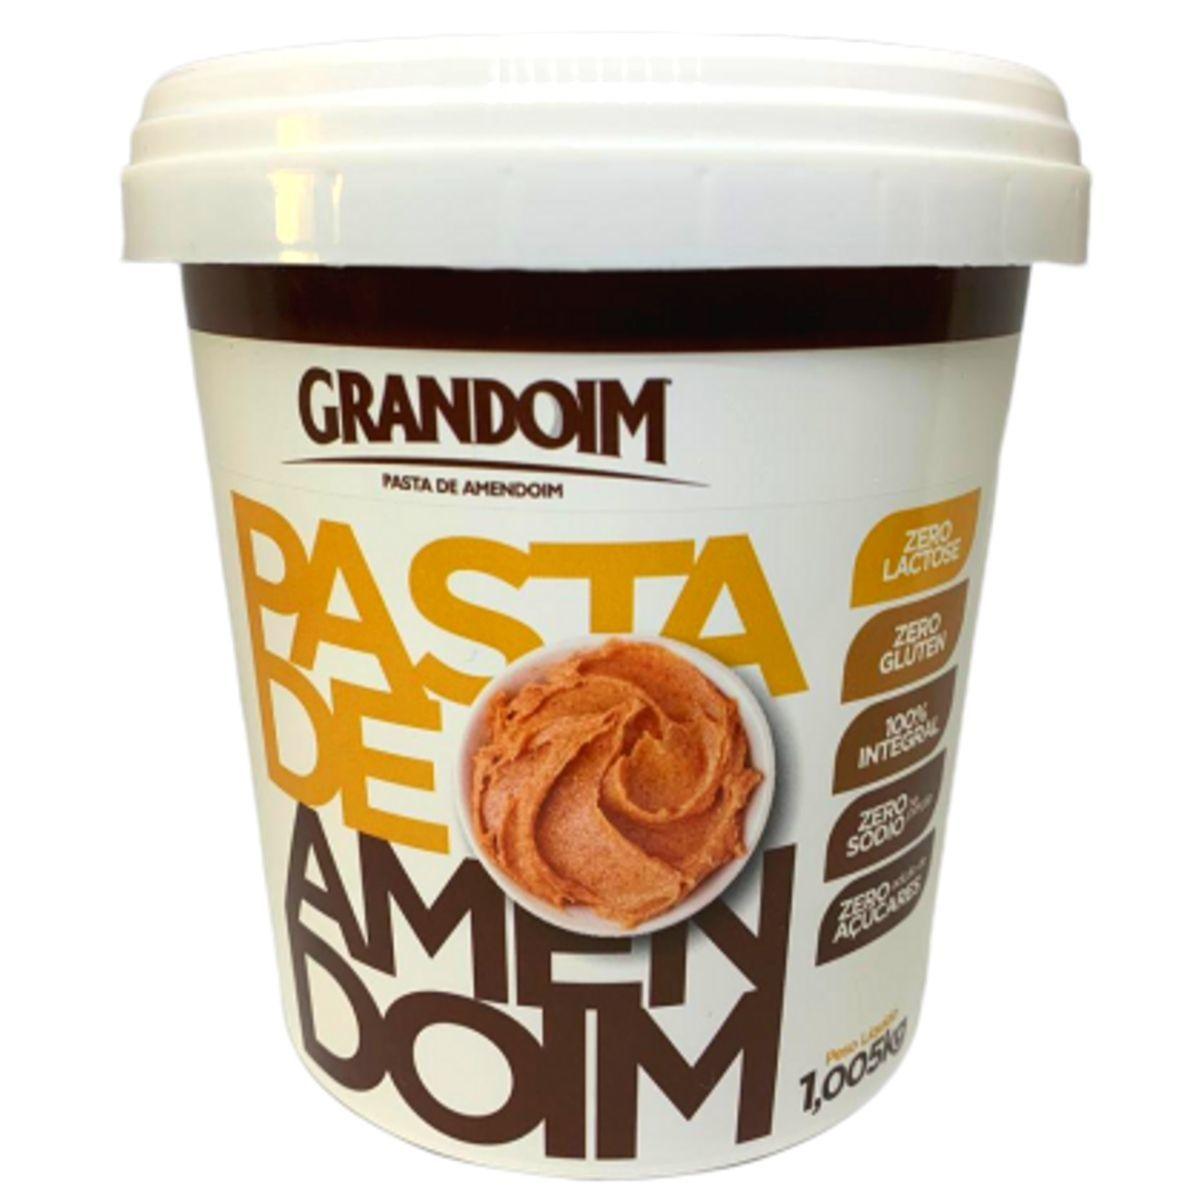 Pasta de Amendoim Integral Grandoim Sem Glúten 1kg